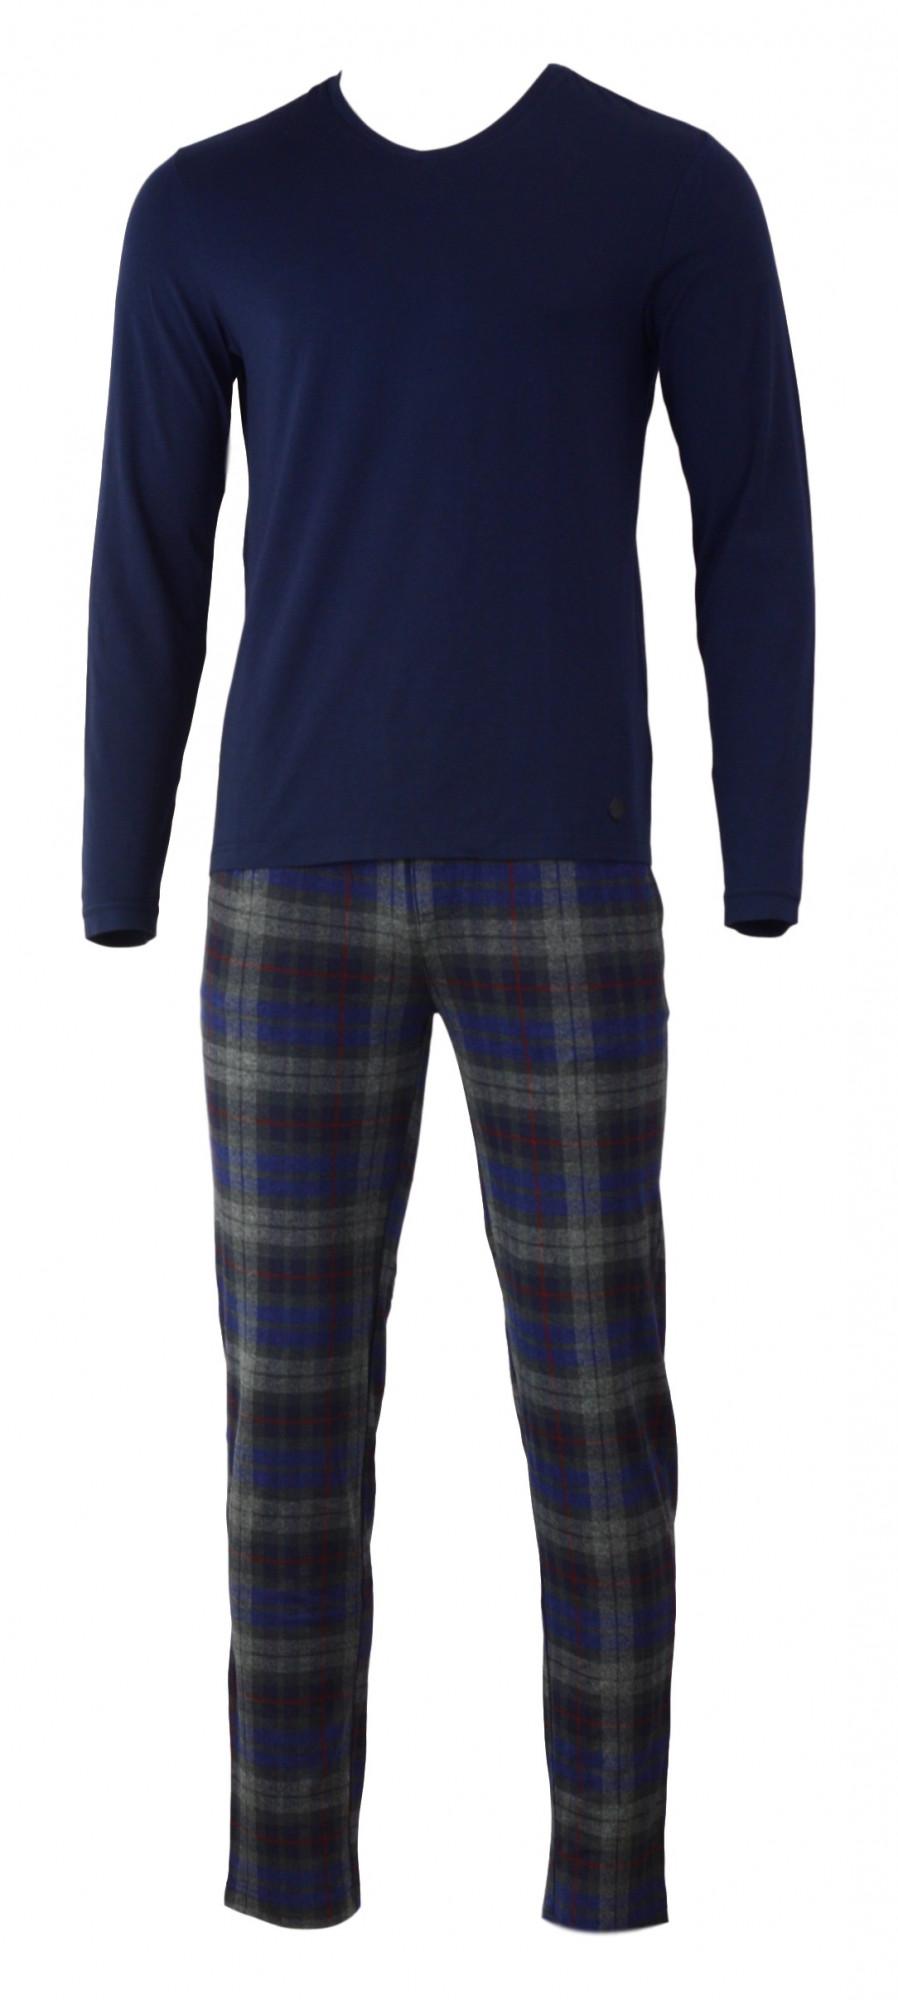 Pánské pyžamo 540023 - Jockey modro-šedá L